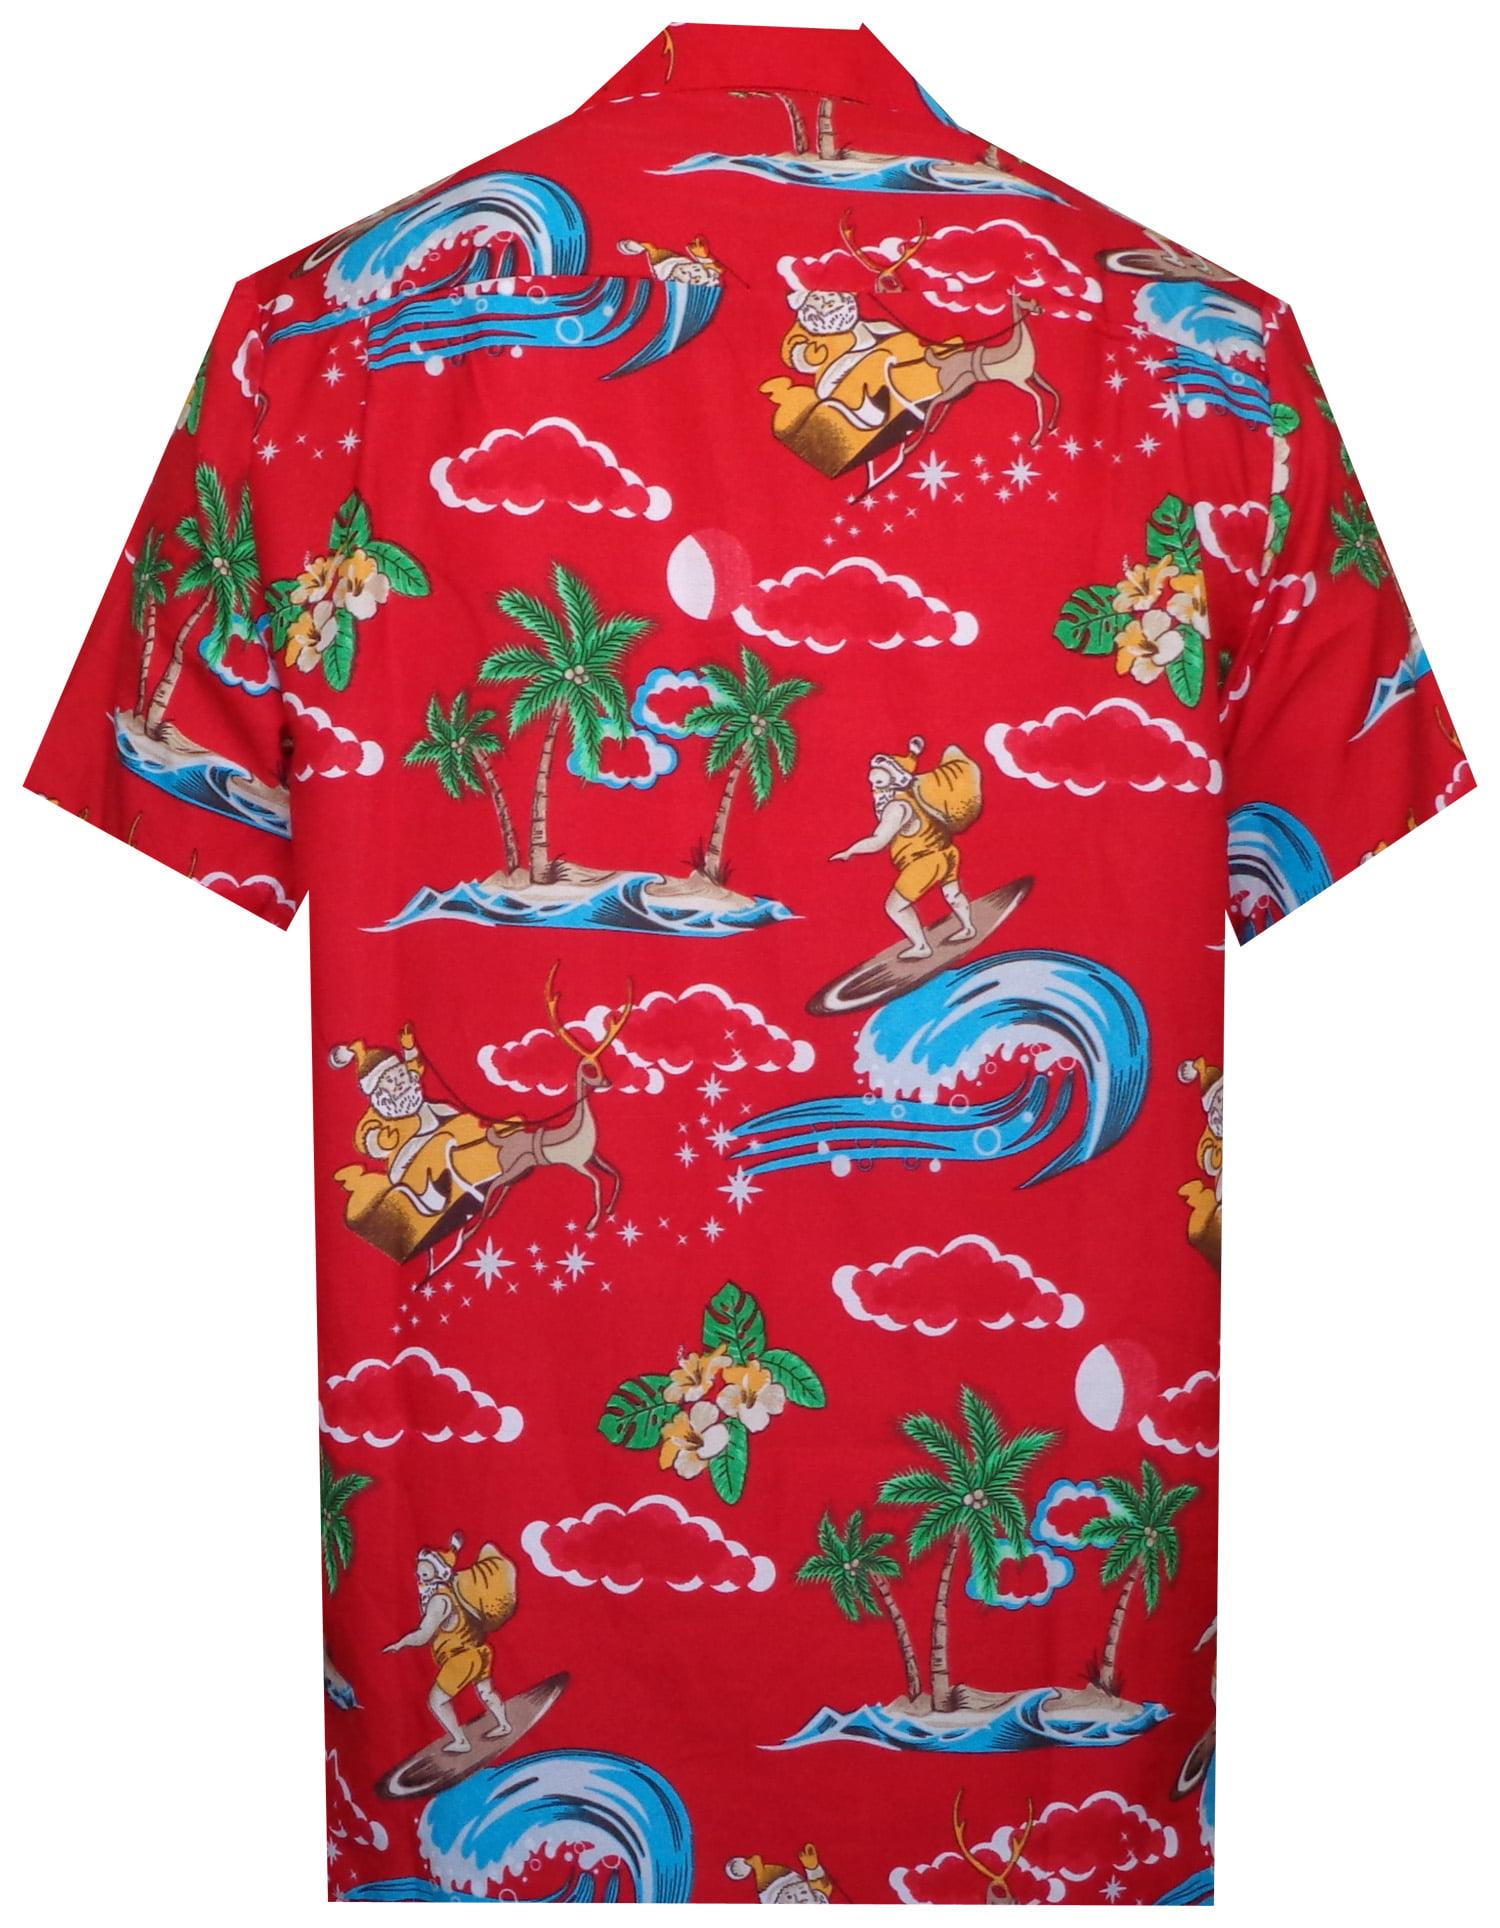 7004062f3 Holiday - Hawaiian Shirt 41 Mens Christmas Santa Claus Party Aloha Holiday Red  2XL - Walmart.com